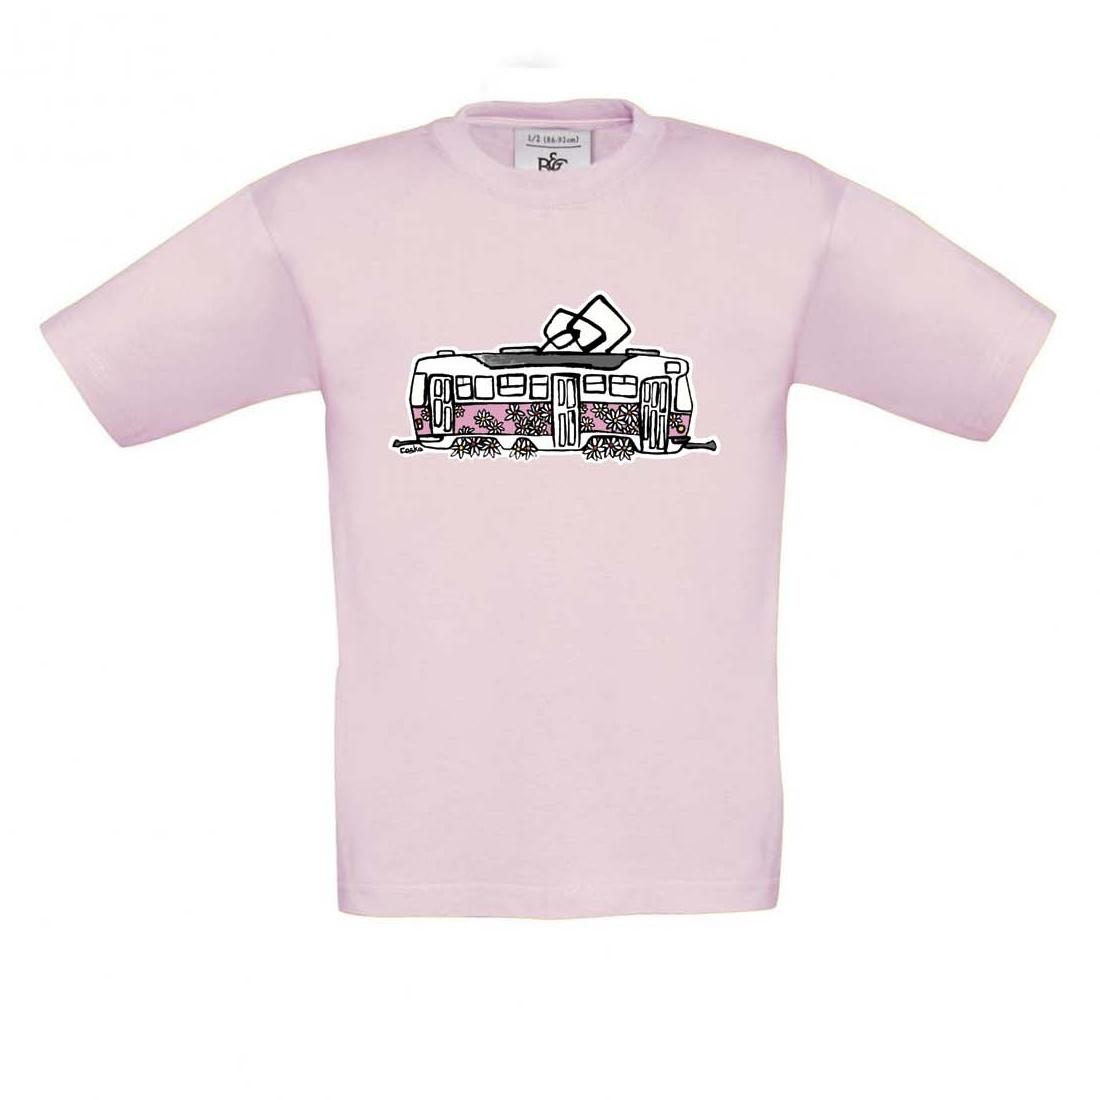 Světle růžové dětské triko s kopretinovou tramvají